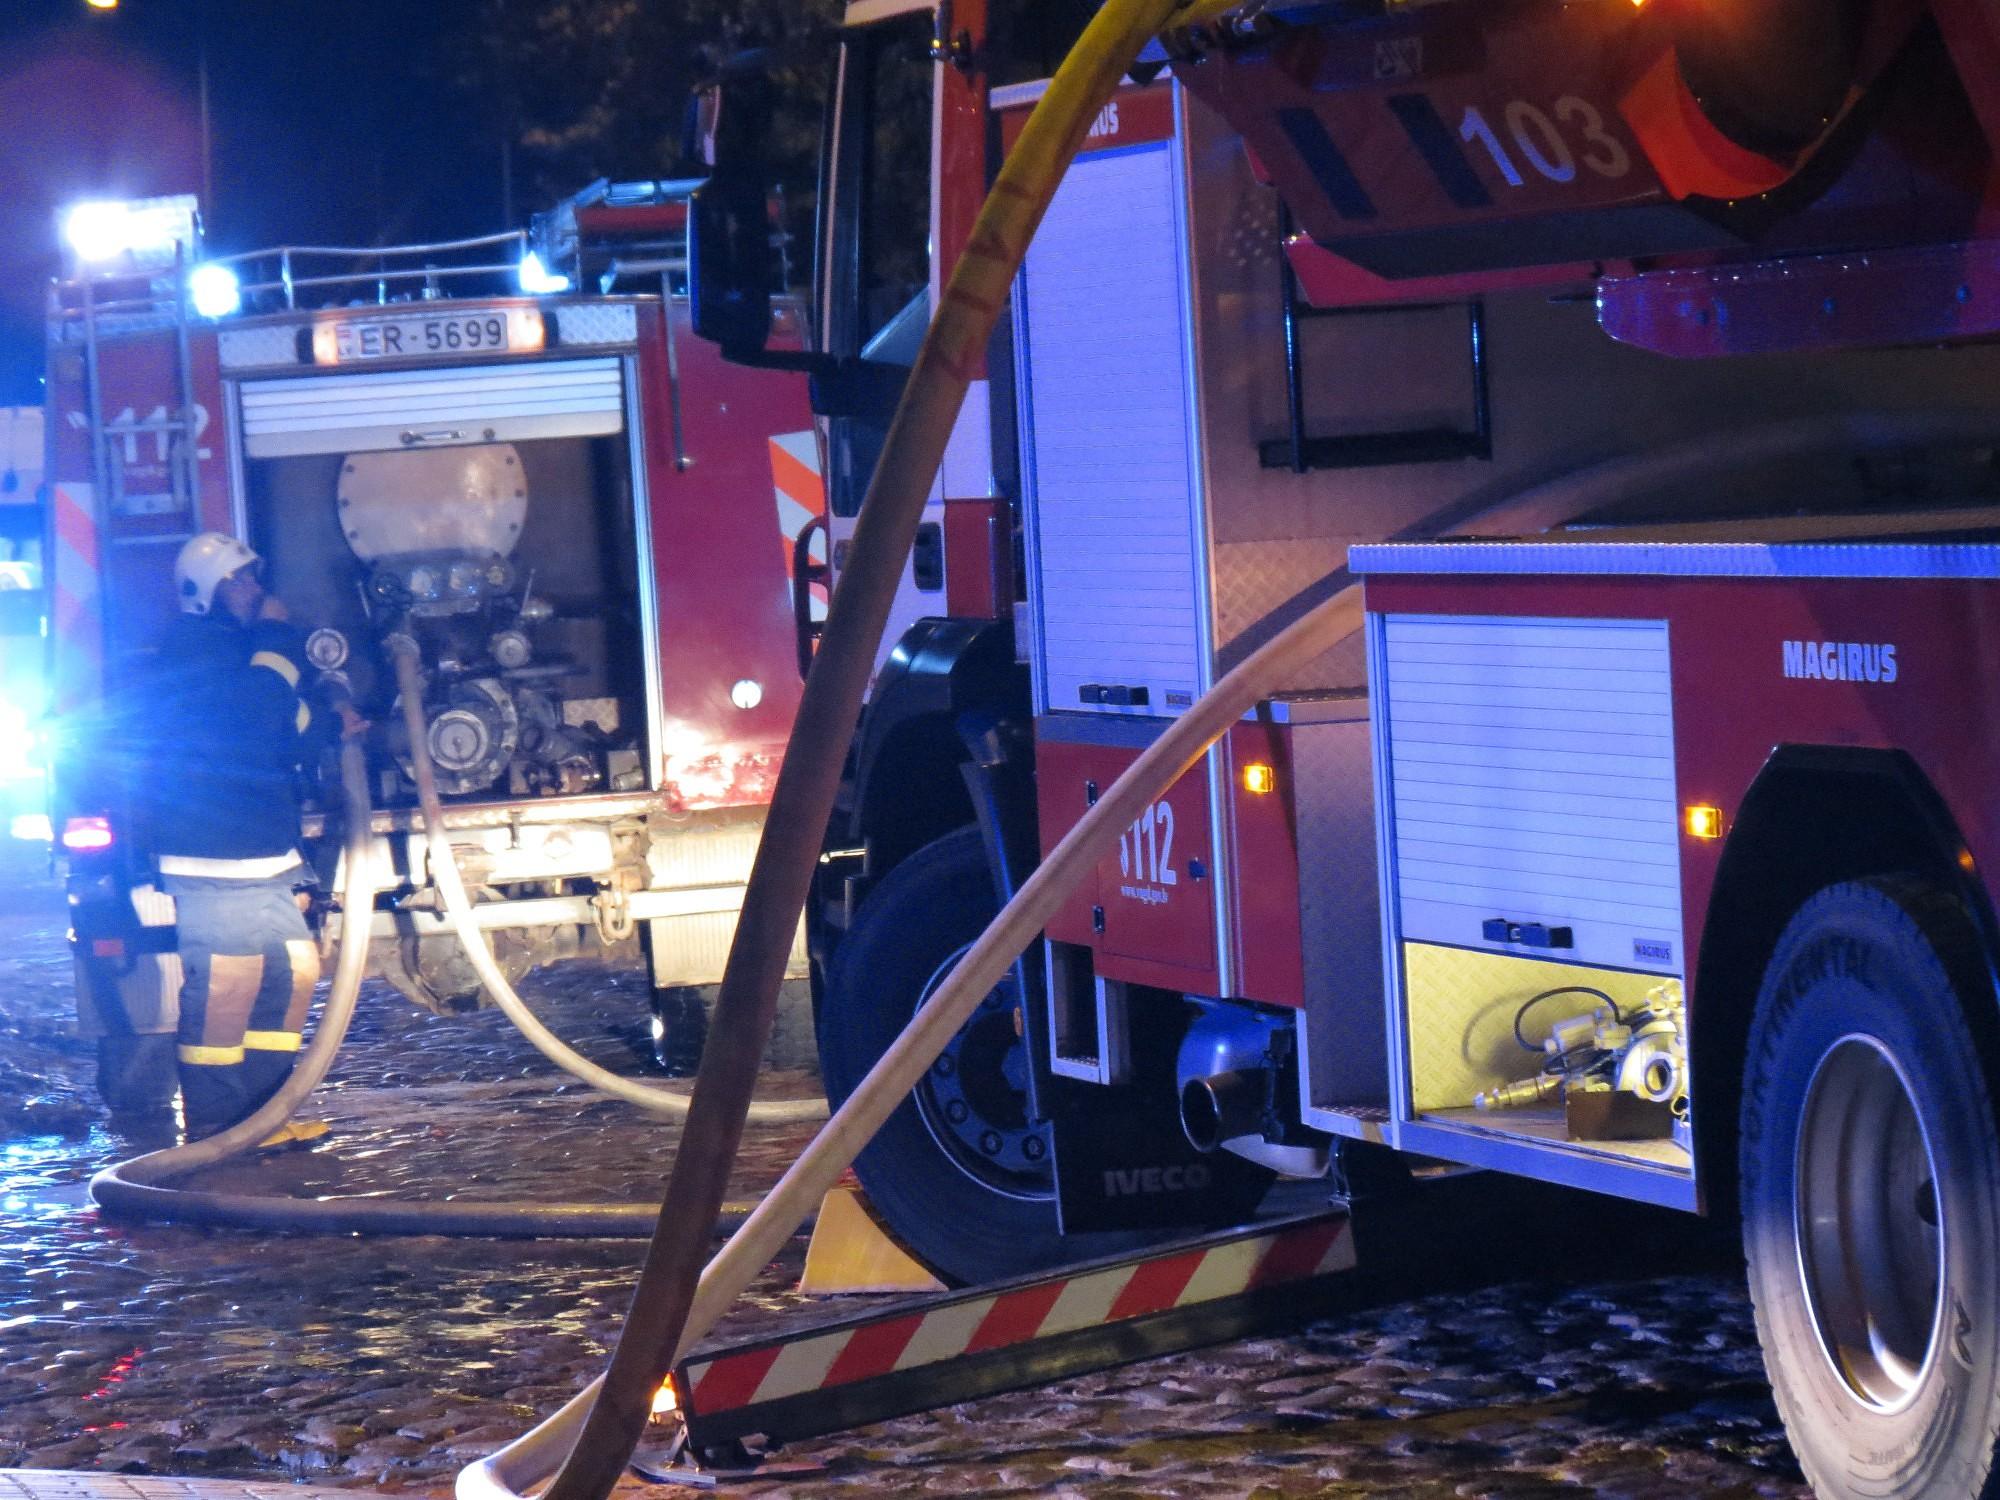 При пожаре в Доме престарелых пострадал человек, 54 эвакуировано